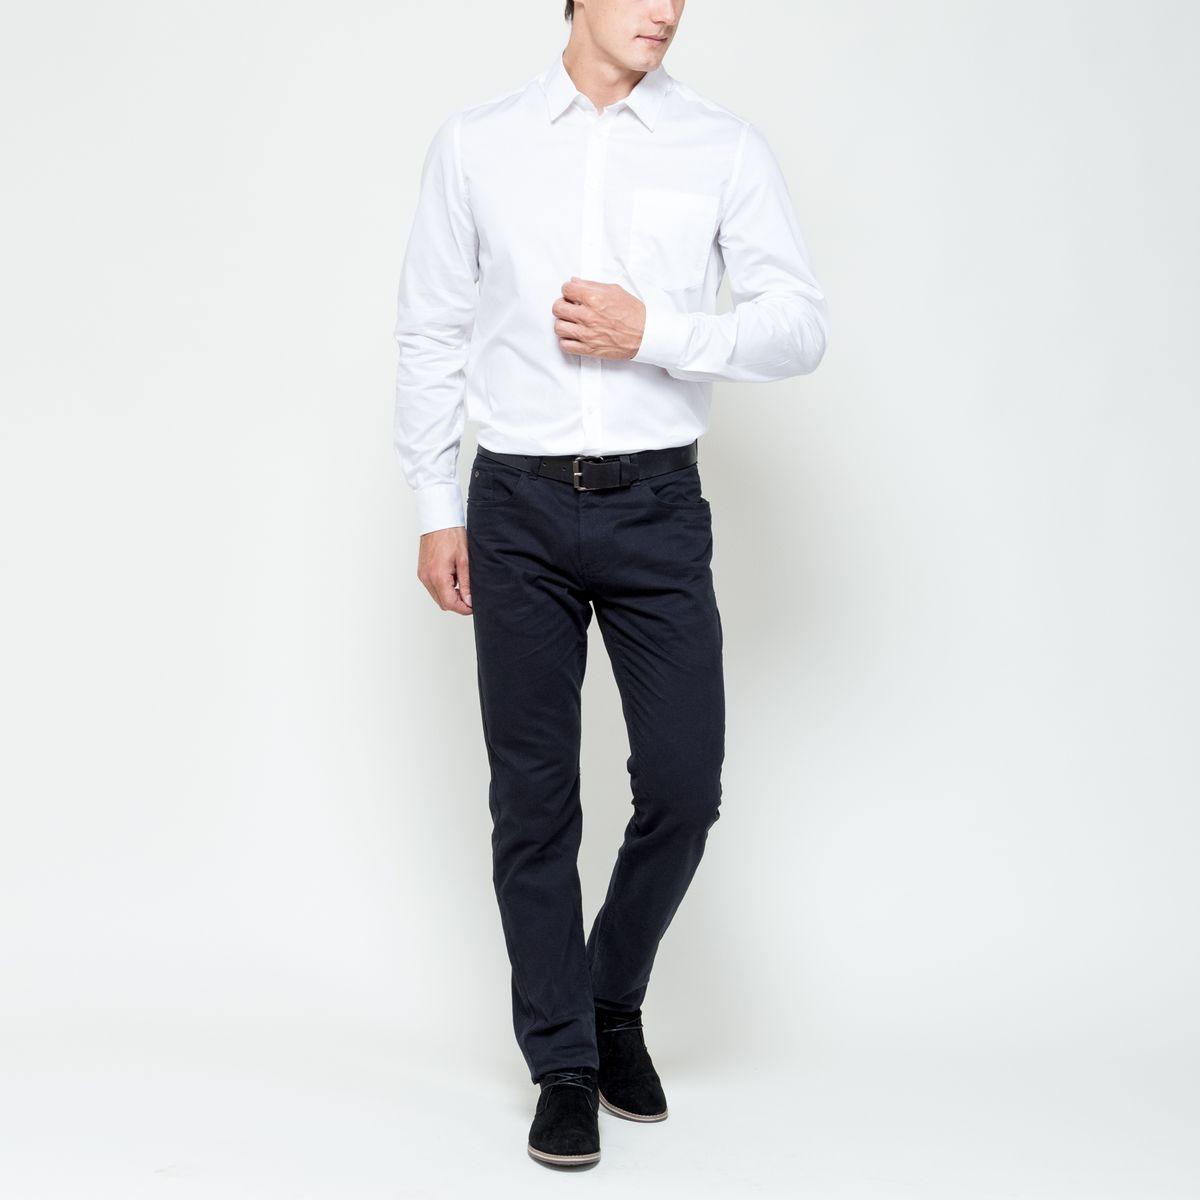 РубашкаH-212/700-6321Мужская рубашка выполнена из натурального хлопка. Модель с отложным воротником и длинными рукавами застегивается на пуговицы по всей длине. Объем манжет регулируется при помощи пуговиц. На груди рубашка дополнена накладным карманом.